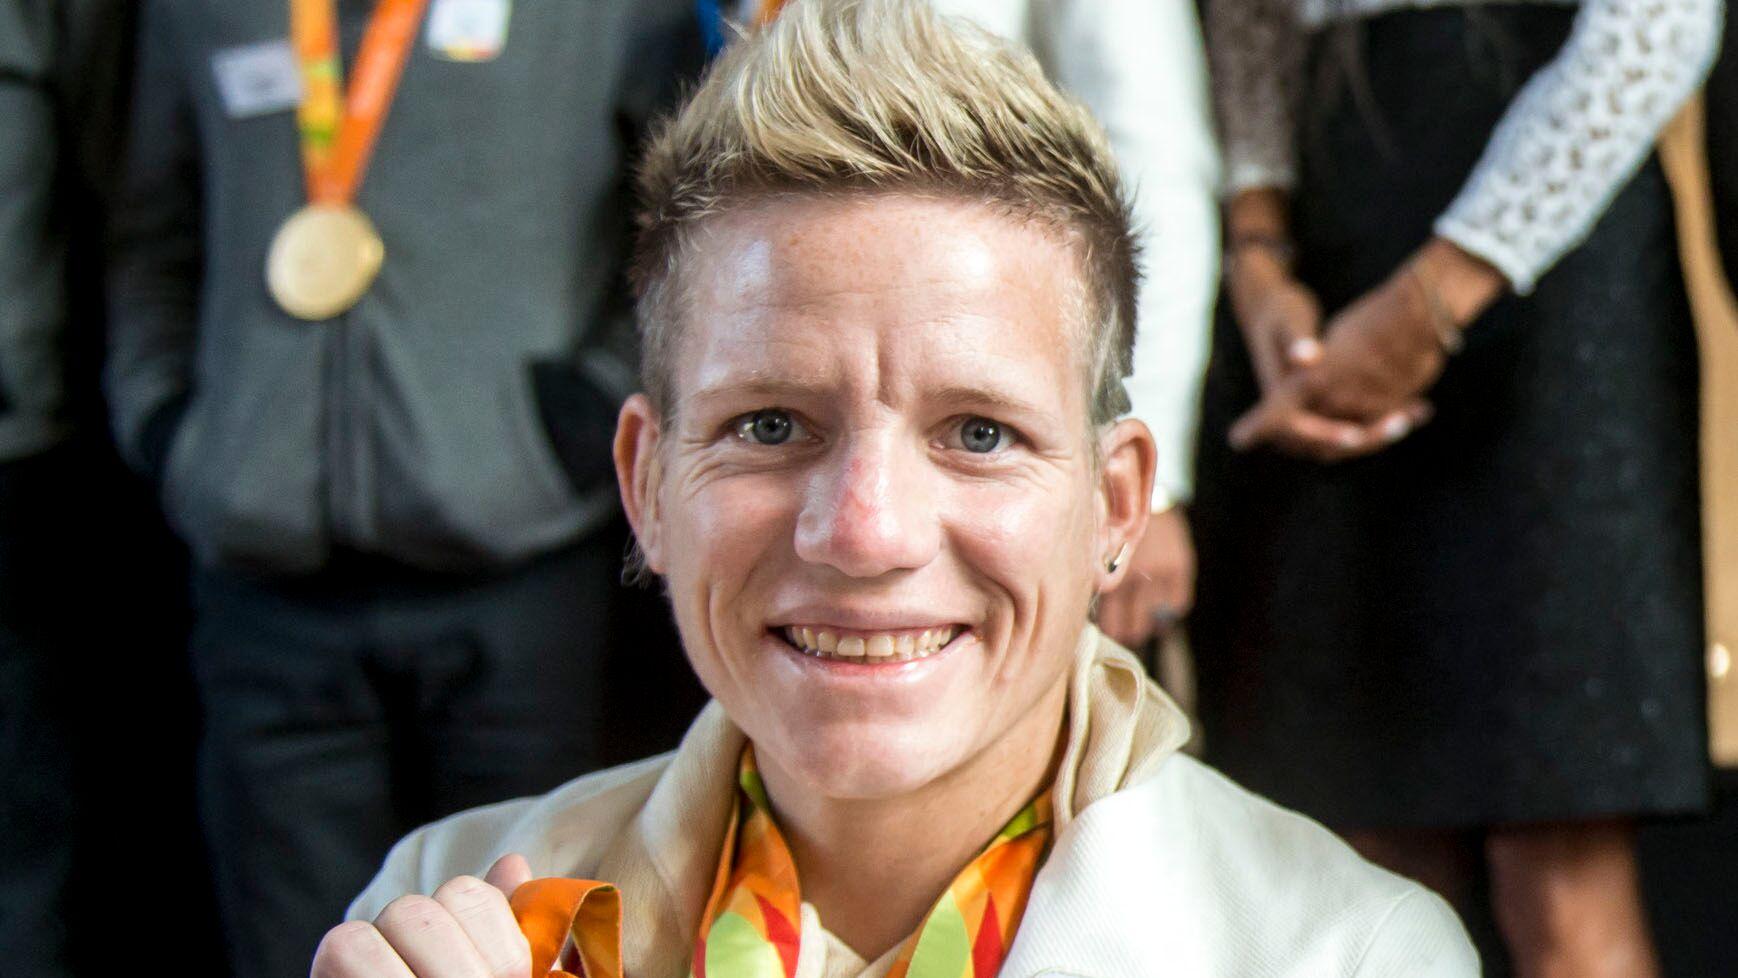 Mort à 40 ans de Marieke Vervoort, ex-athlète, après une euthanasie